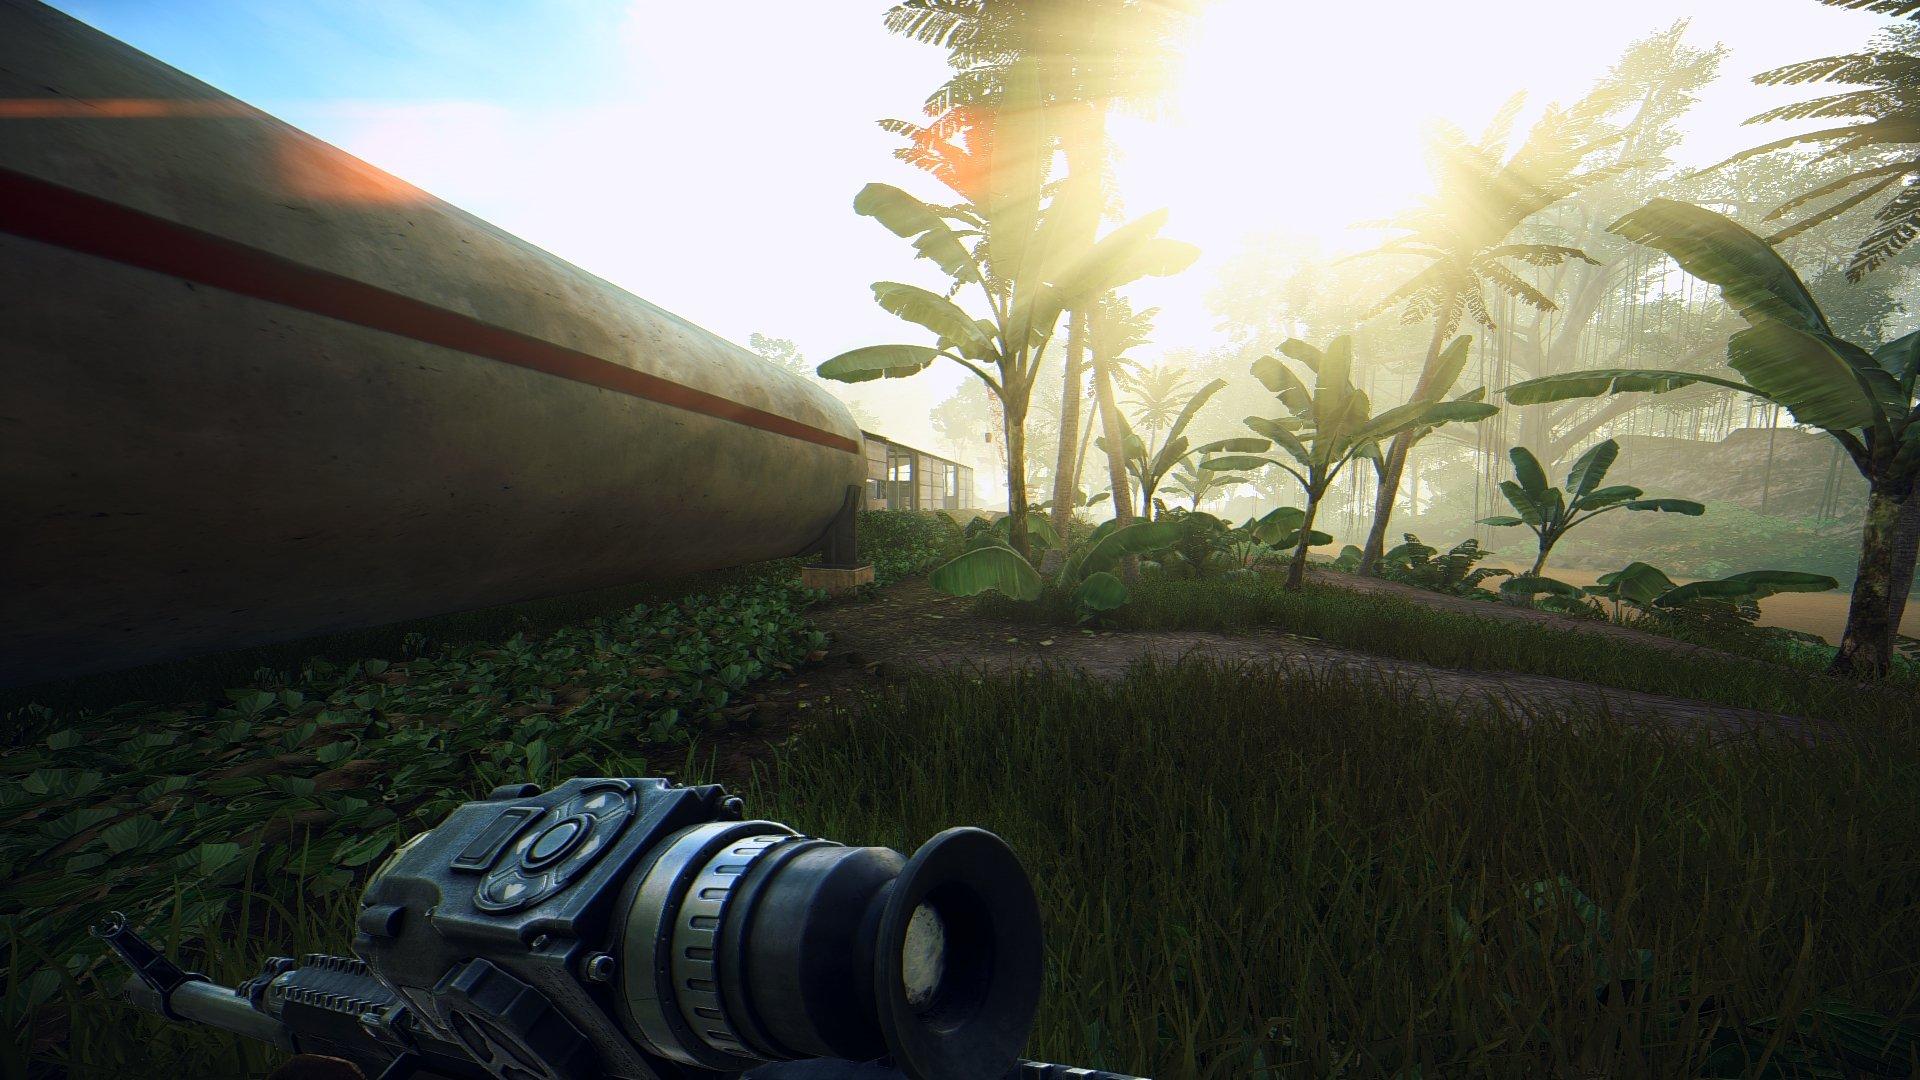 Карта сообщества Battlefield 4 - Изображение 19